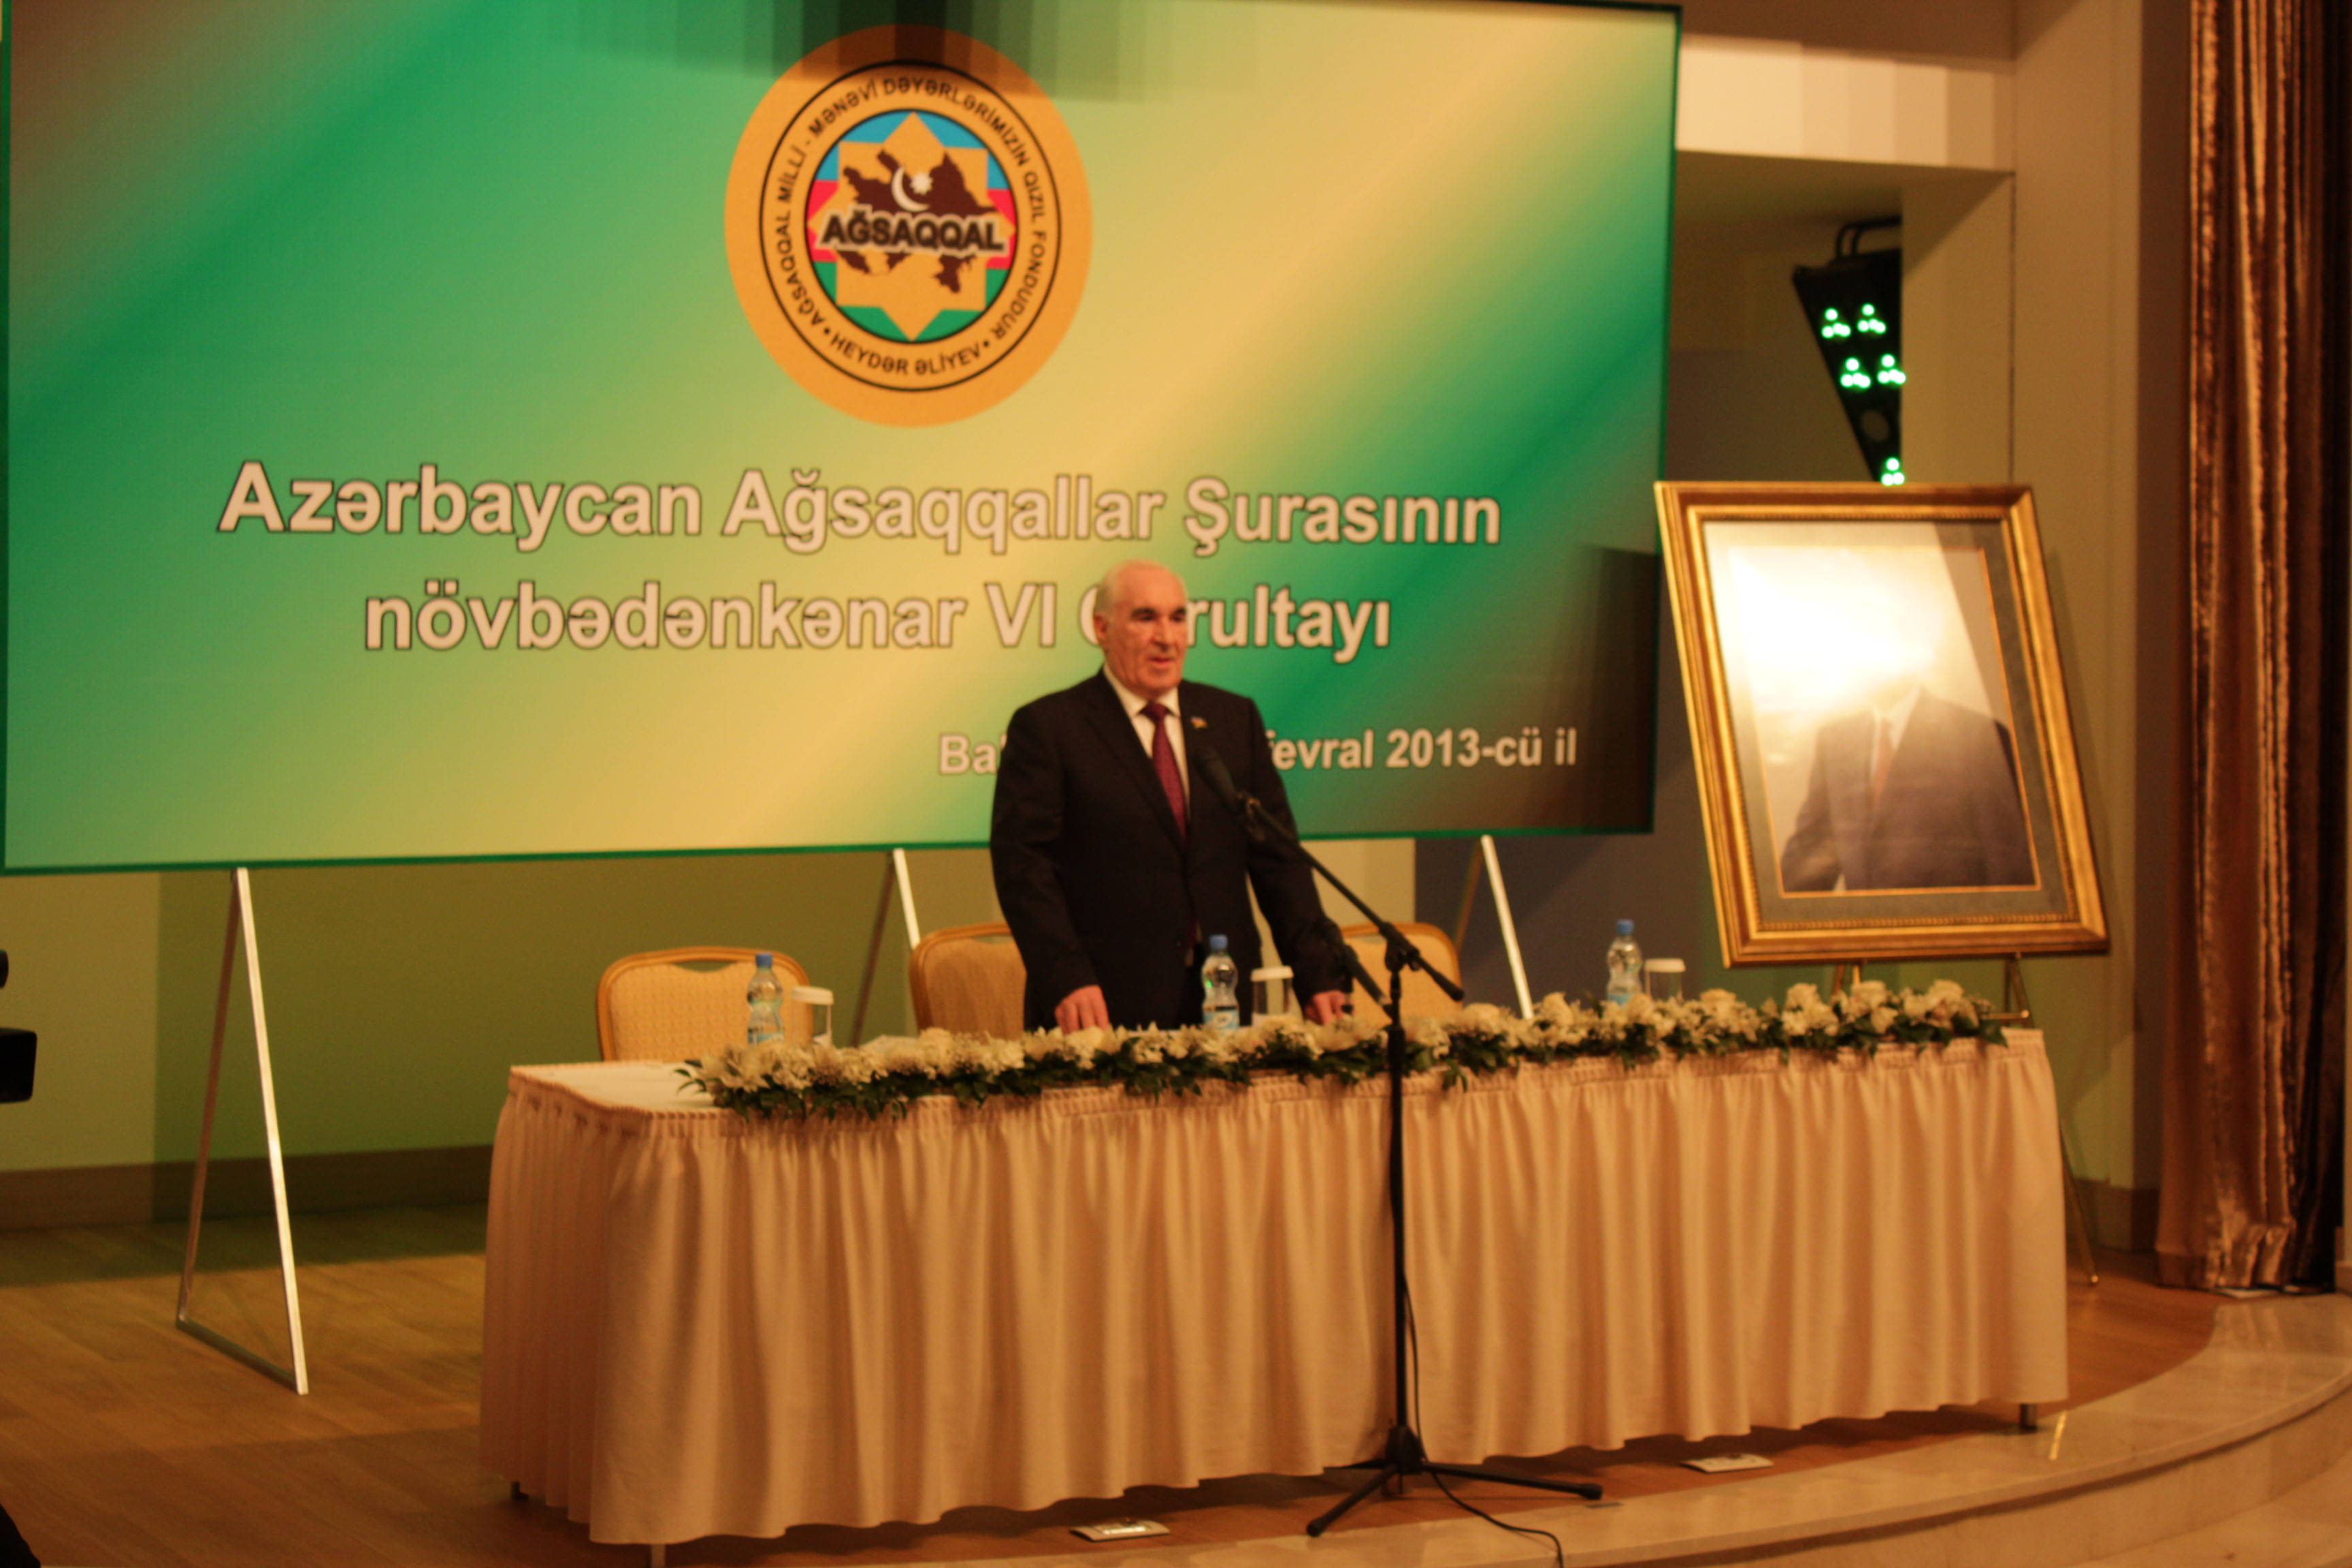 2013-cü il fevralın 16-da Azərbaycan Ağsaqqallar Şurasının növbədənkənar qurultayı keçirililib